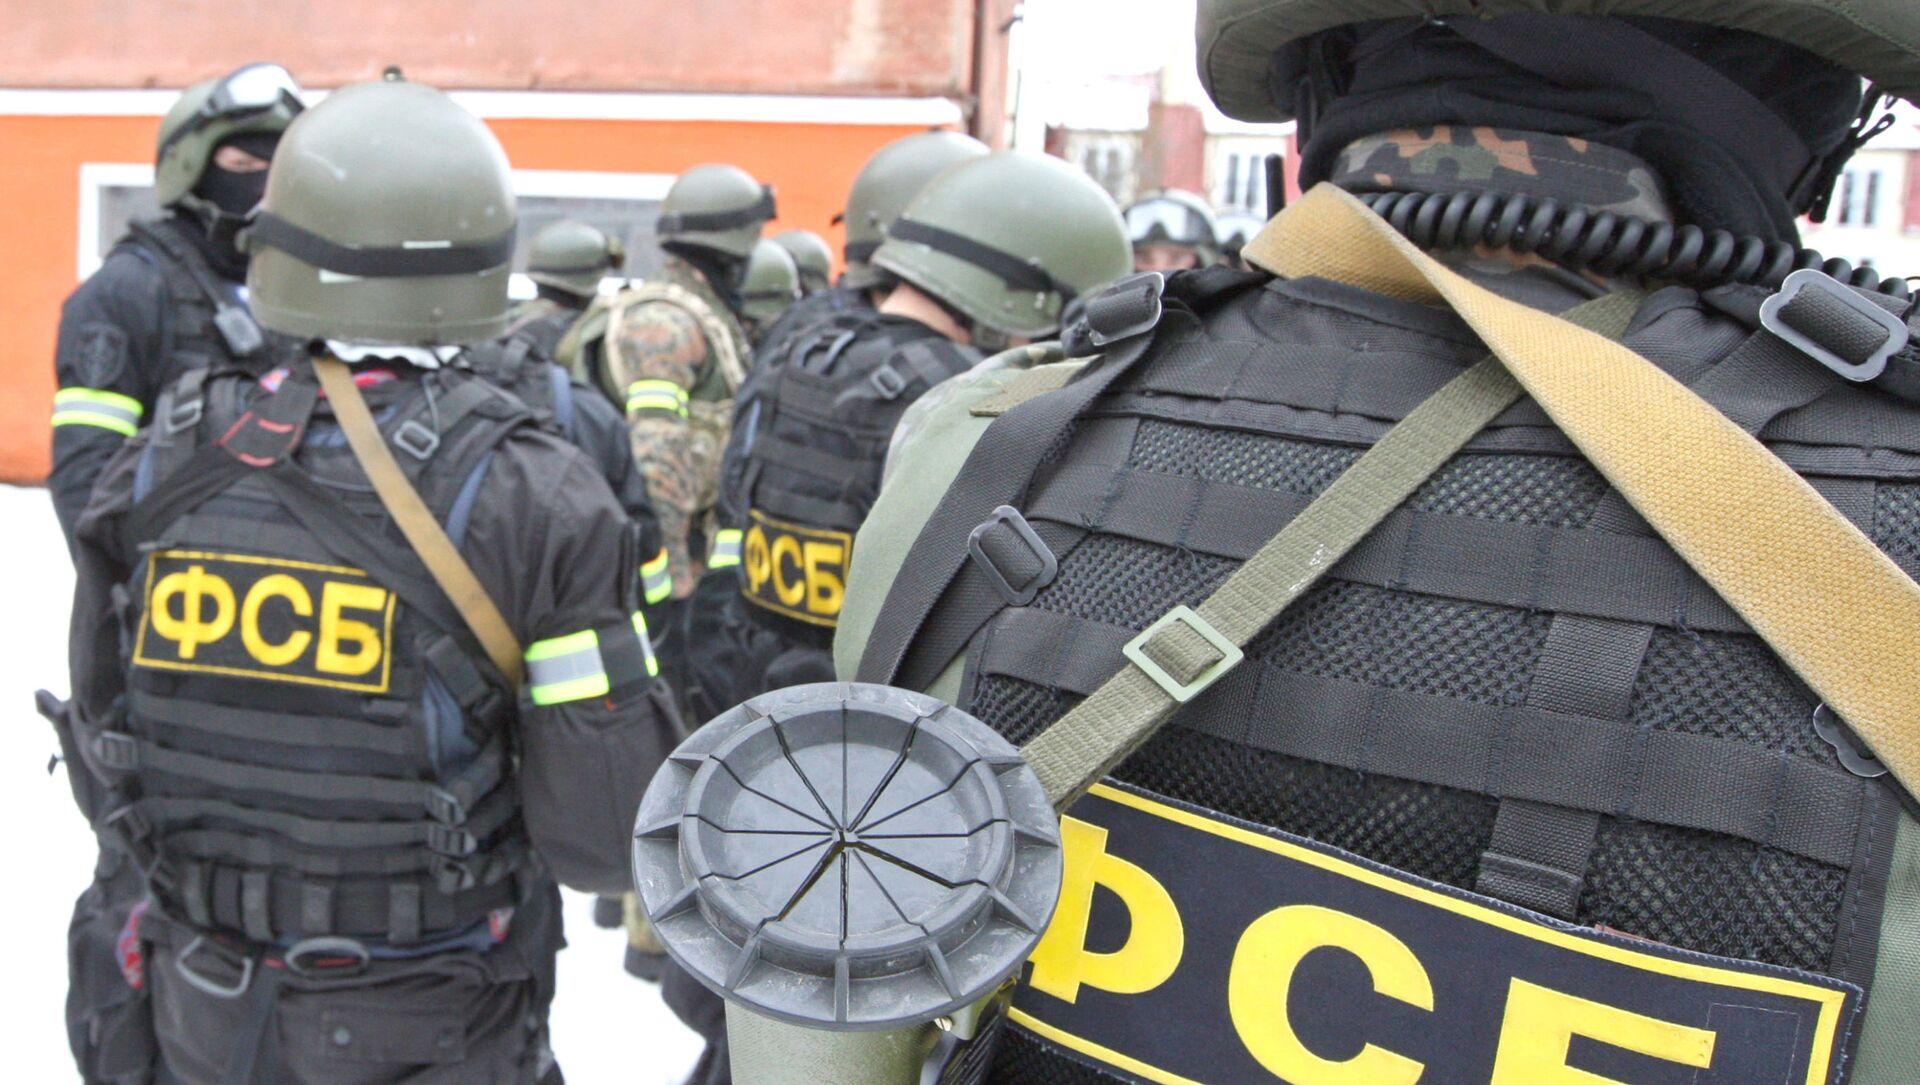 Des agents du Service fédéral de sécurité de Russie à Kaliningrad / image d'illustration - Sputnik France, 1920, 04.03.2021